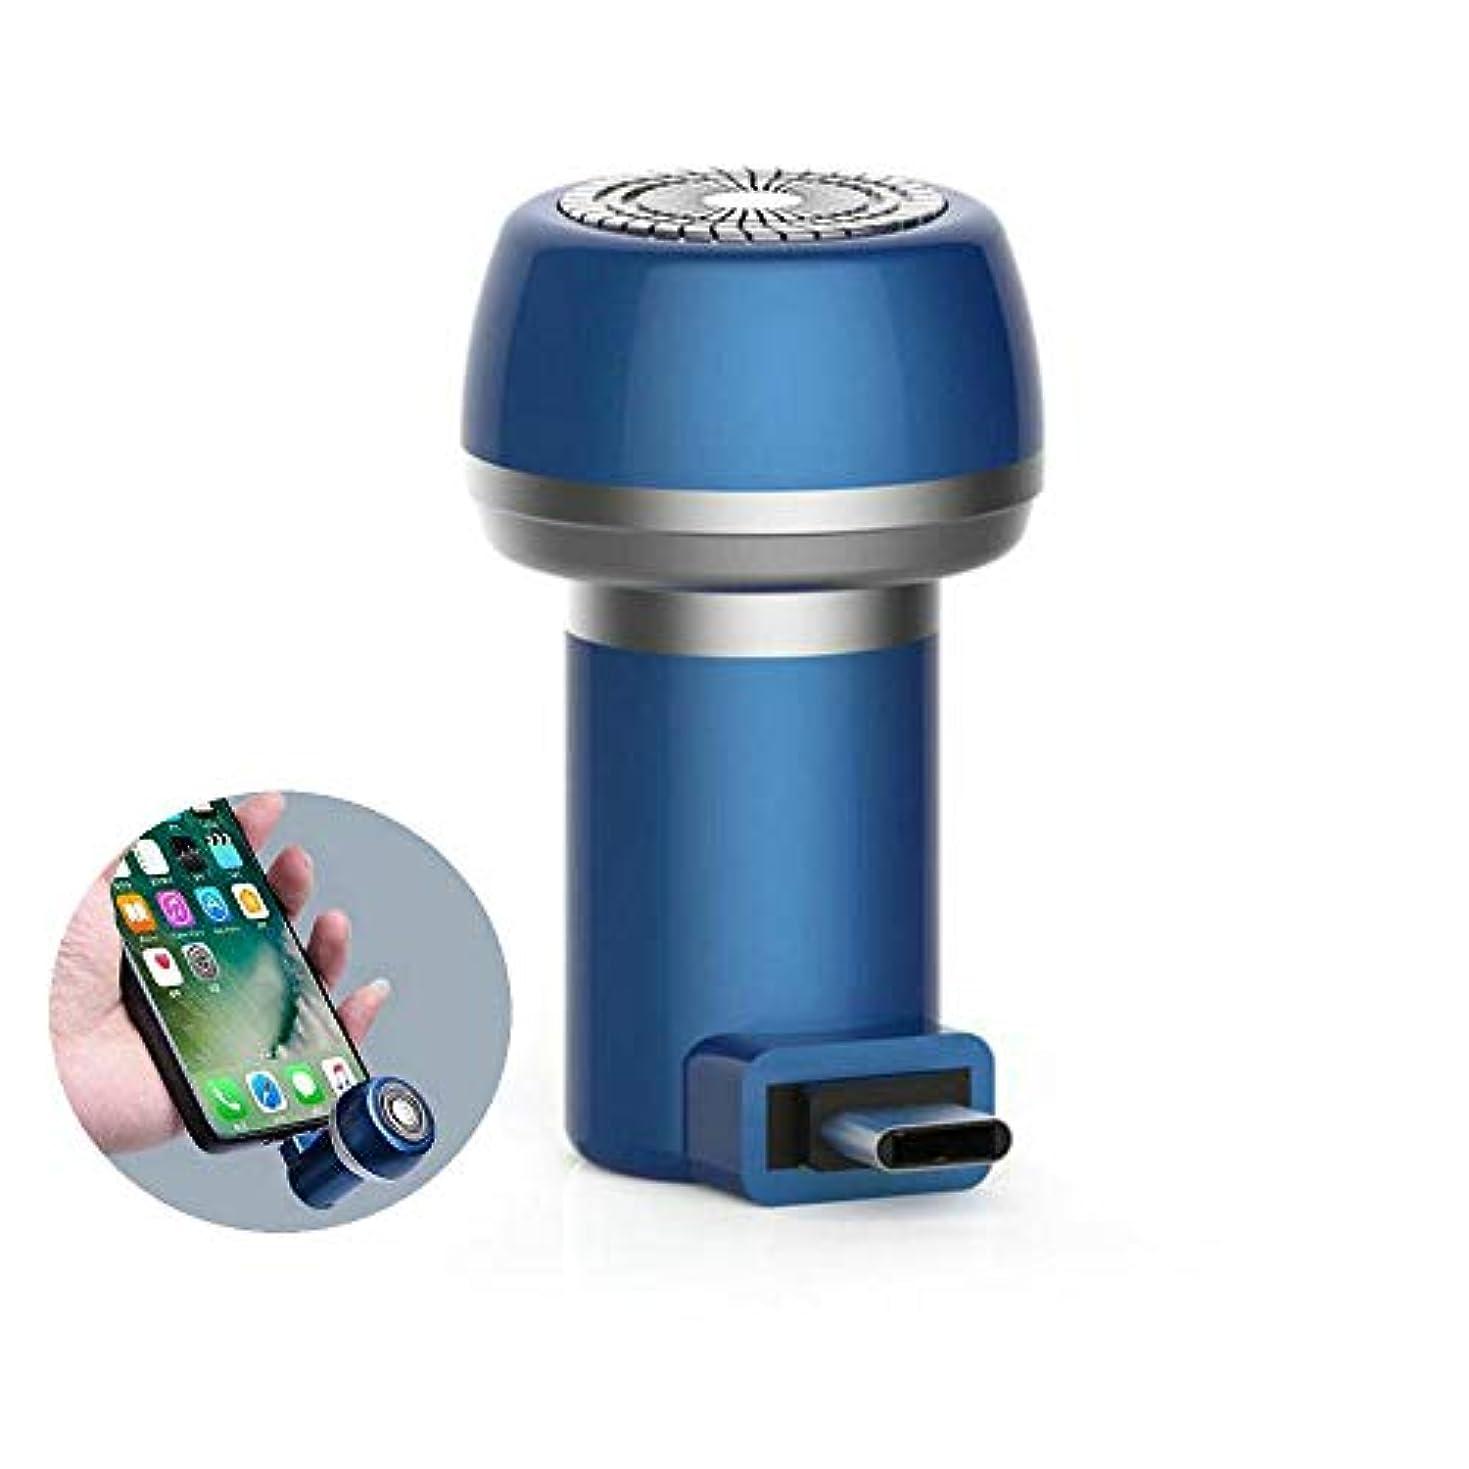 の面では交換パキスタンXAHWL ミニ シェーバー 携帯電話 Micro/Type-c/USB+Micro 脱毛器